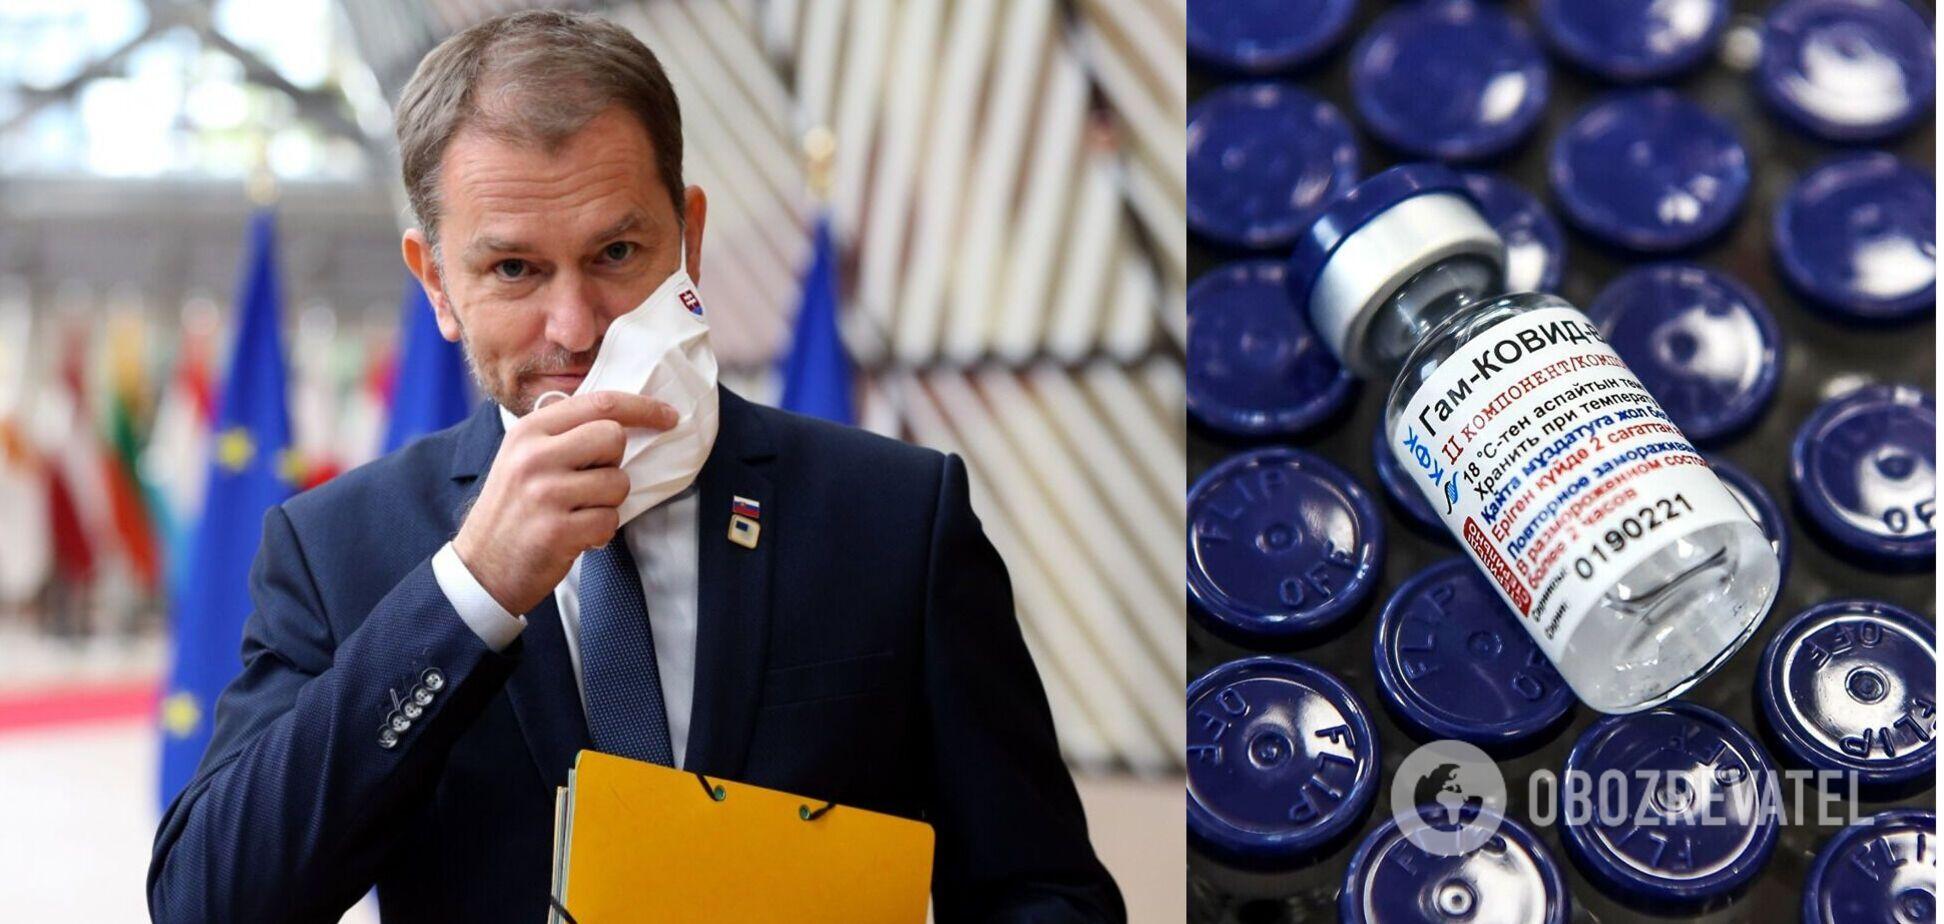 Премьер Словакии заявил о готовности уйти в отставку из-за скандала со 'Спутником V'